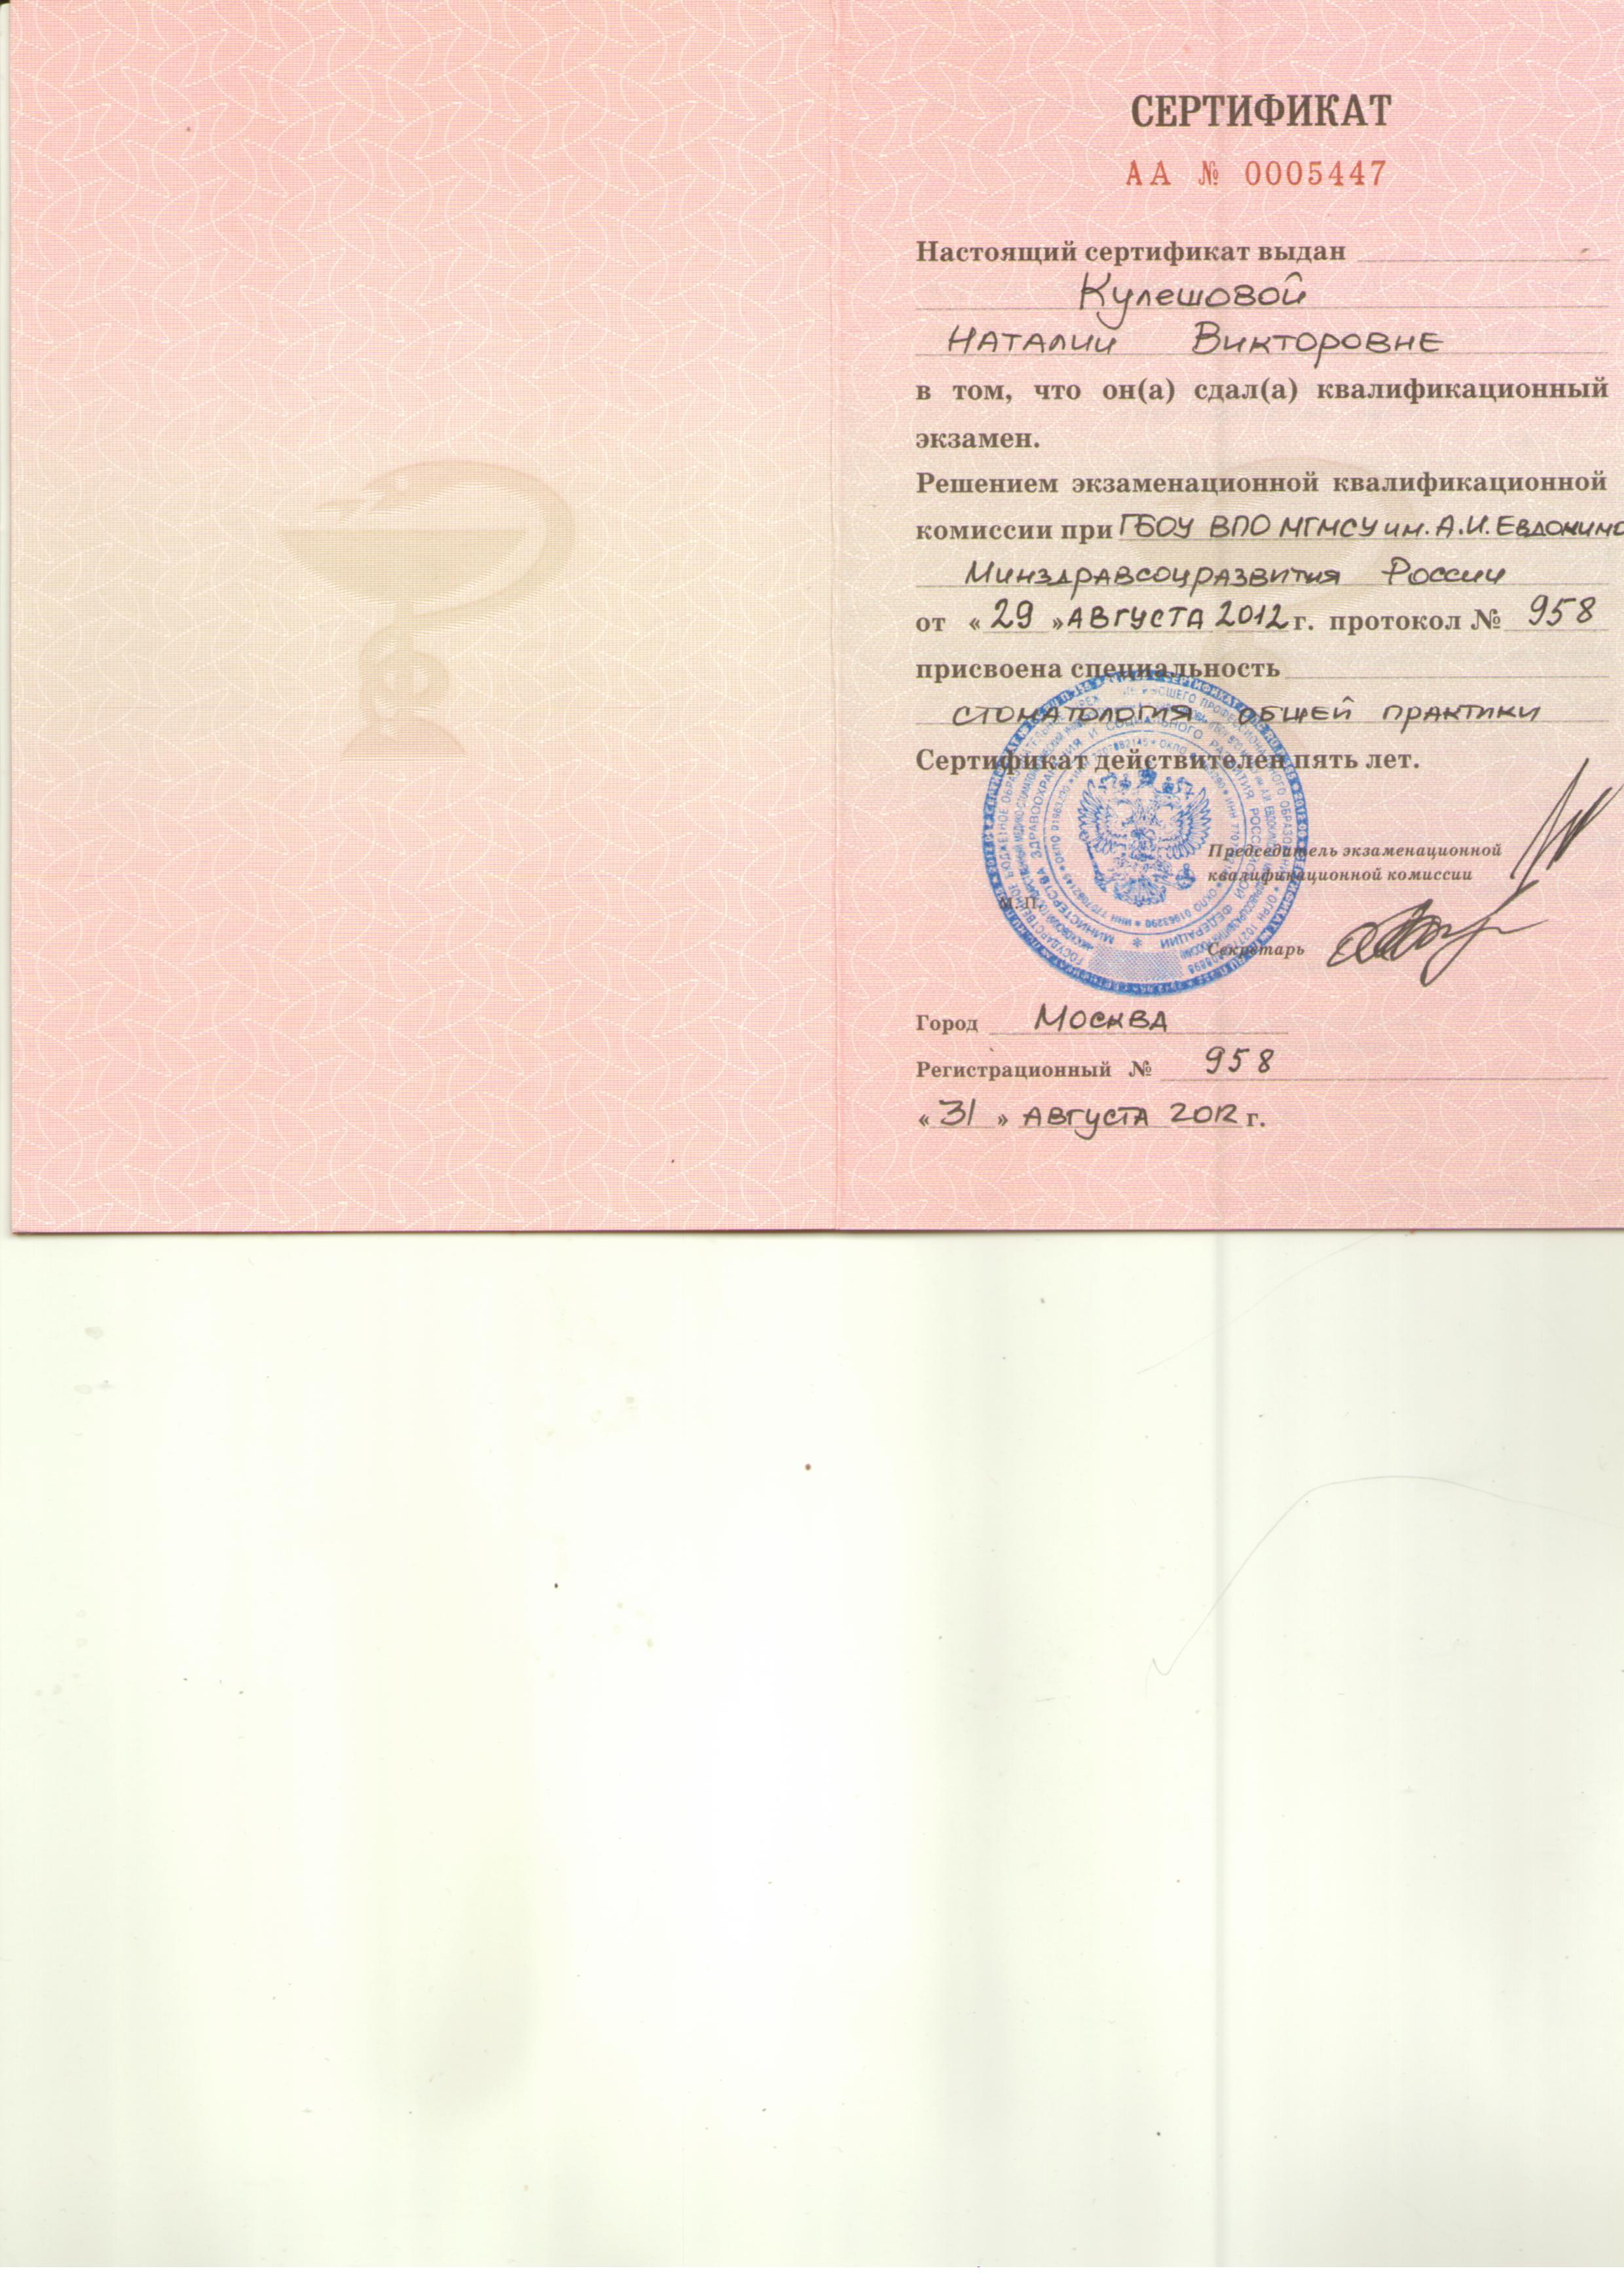 2012 сертификат стоматолог общей практики